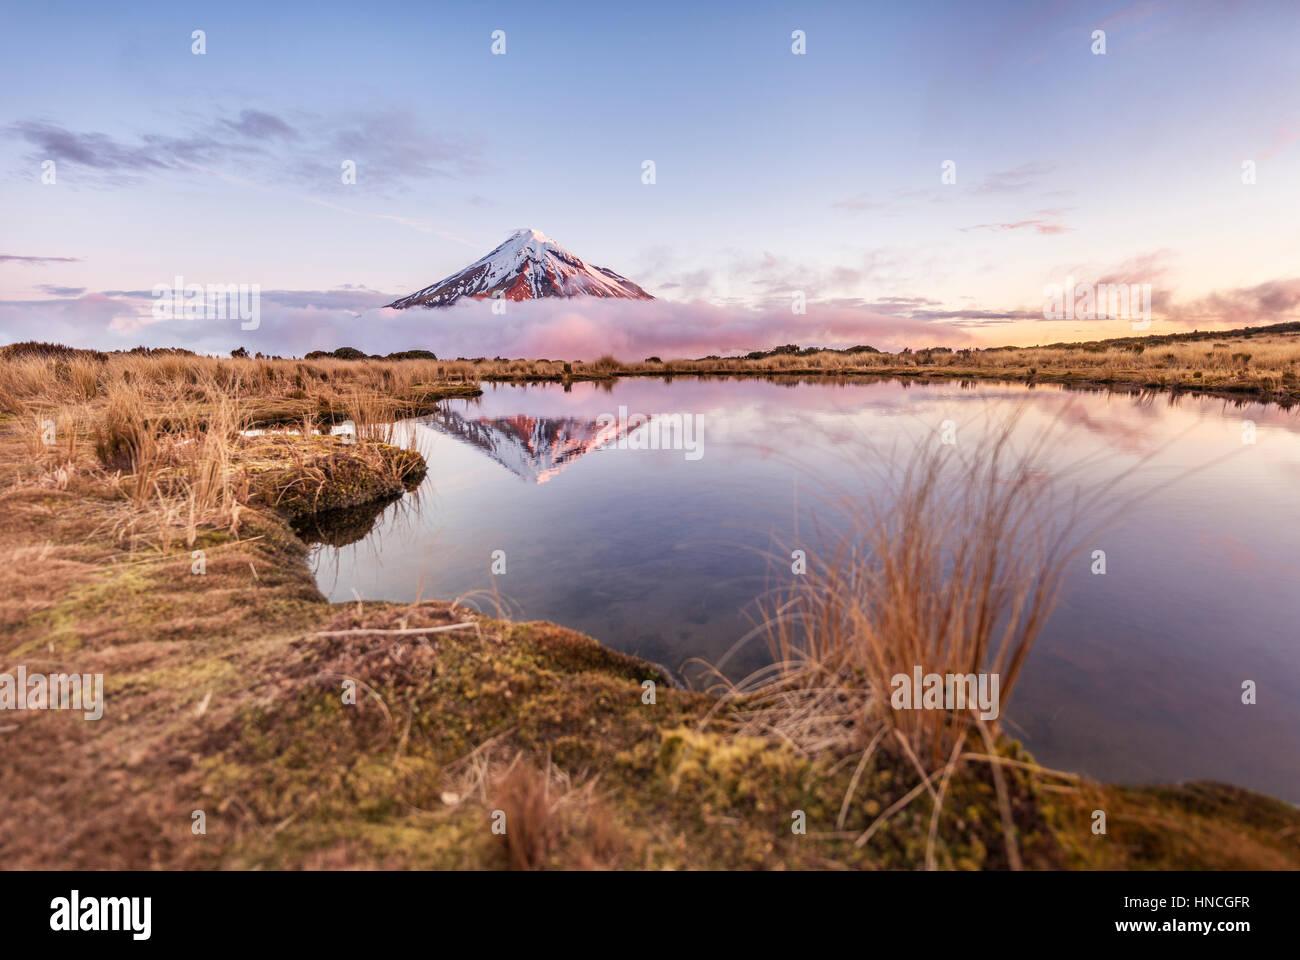 Reflet dans le lac rose Pouakai Tarn, nuages autour du Mont Taranaki ou Mont stratovolcan Egmont au coucher du soleil, Photo Stock